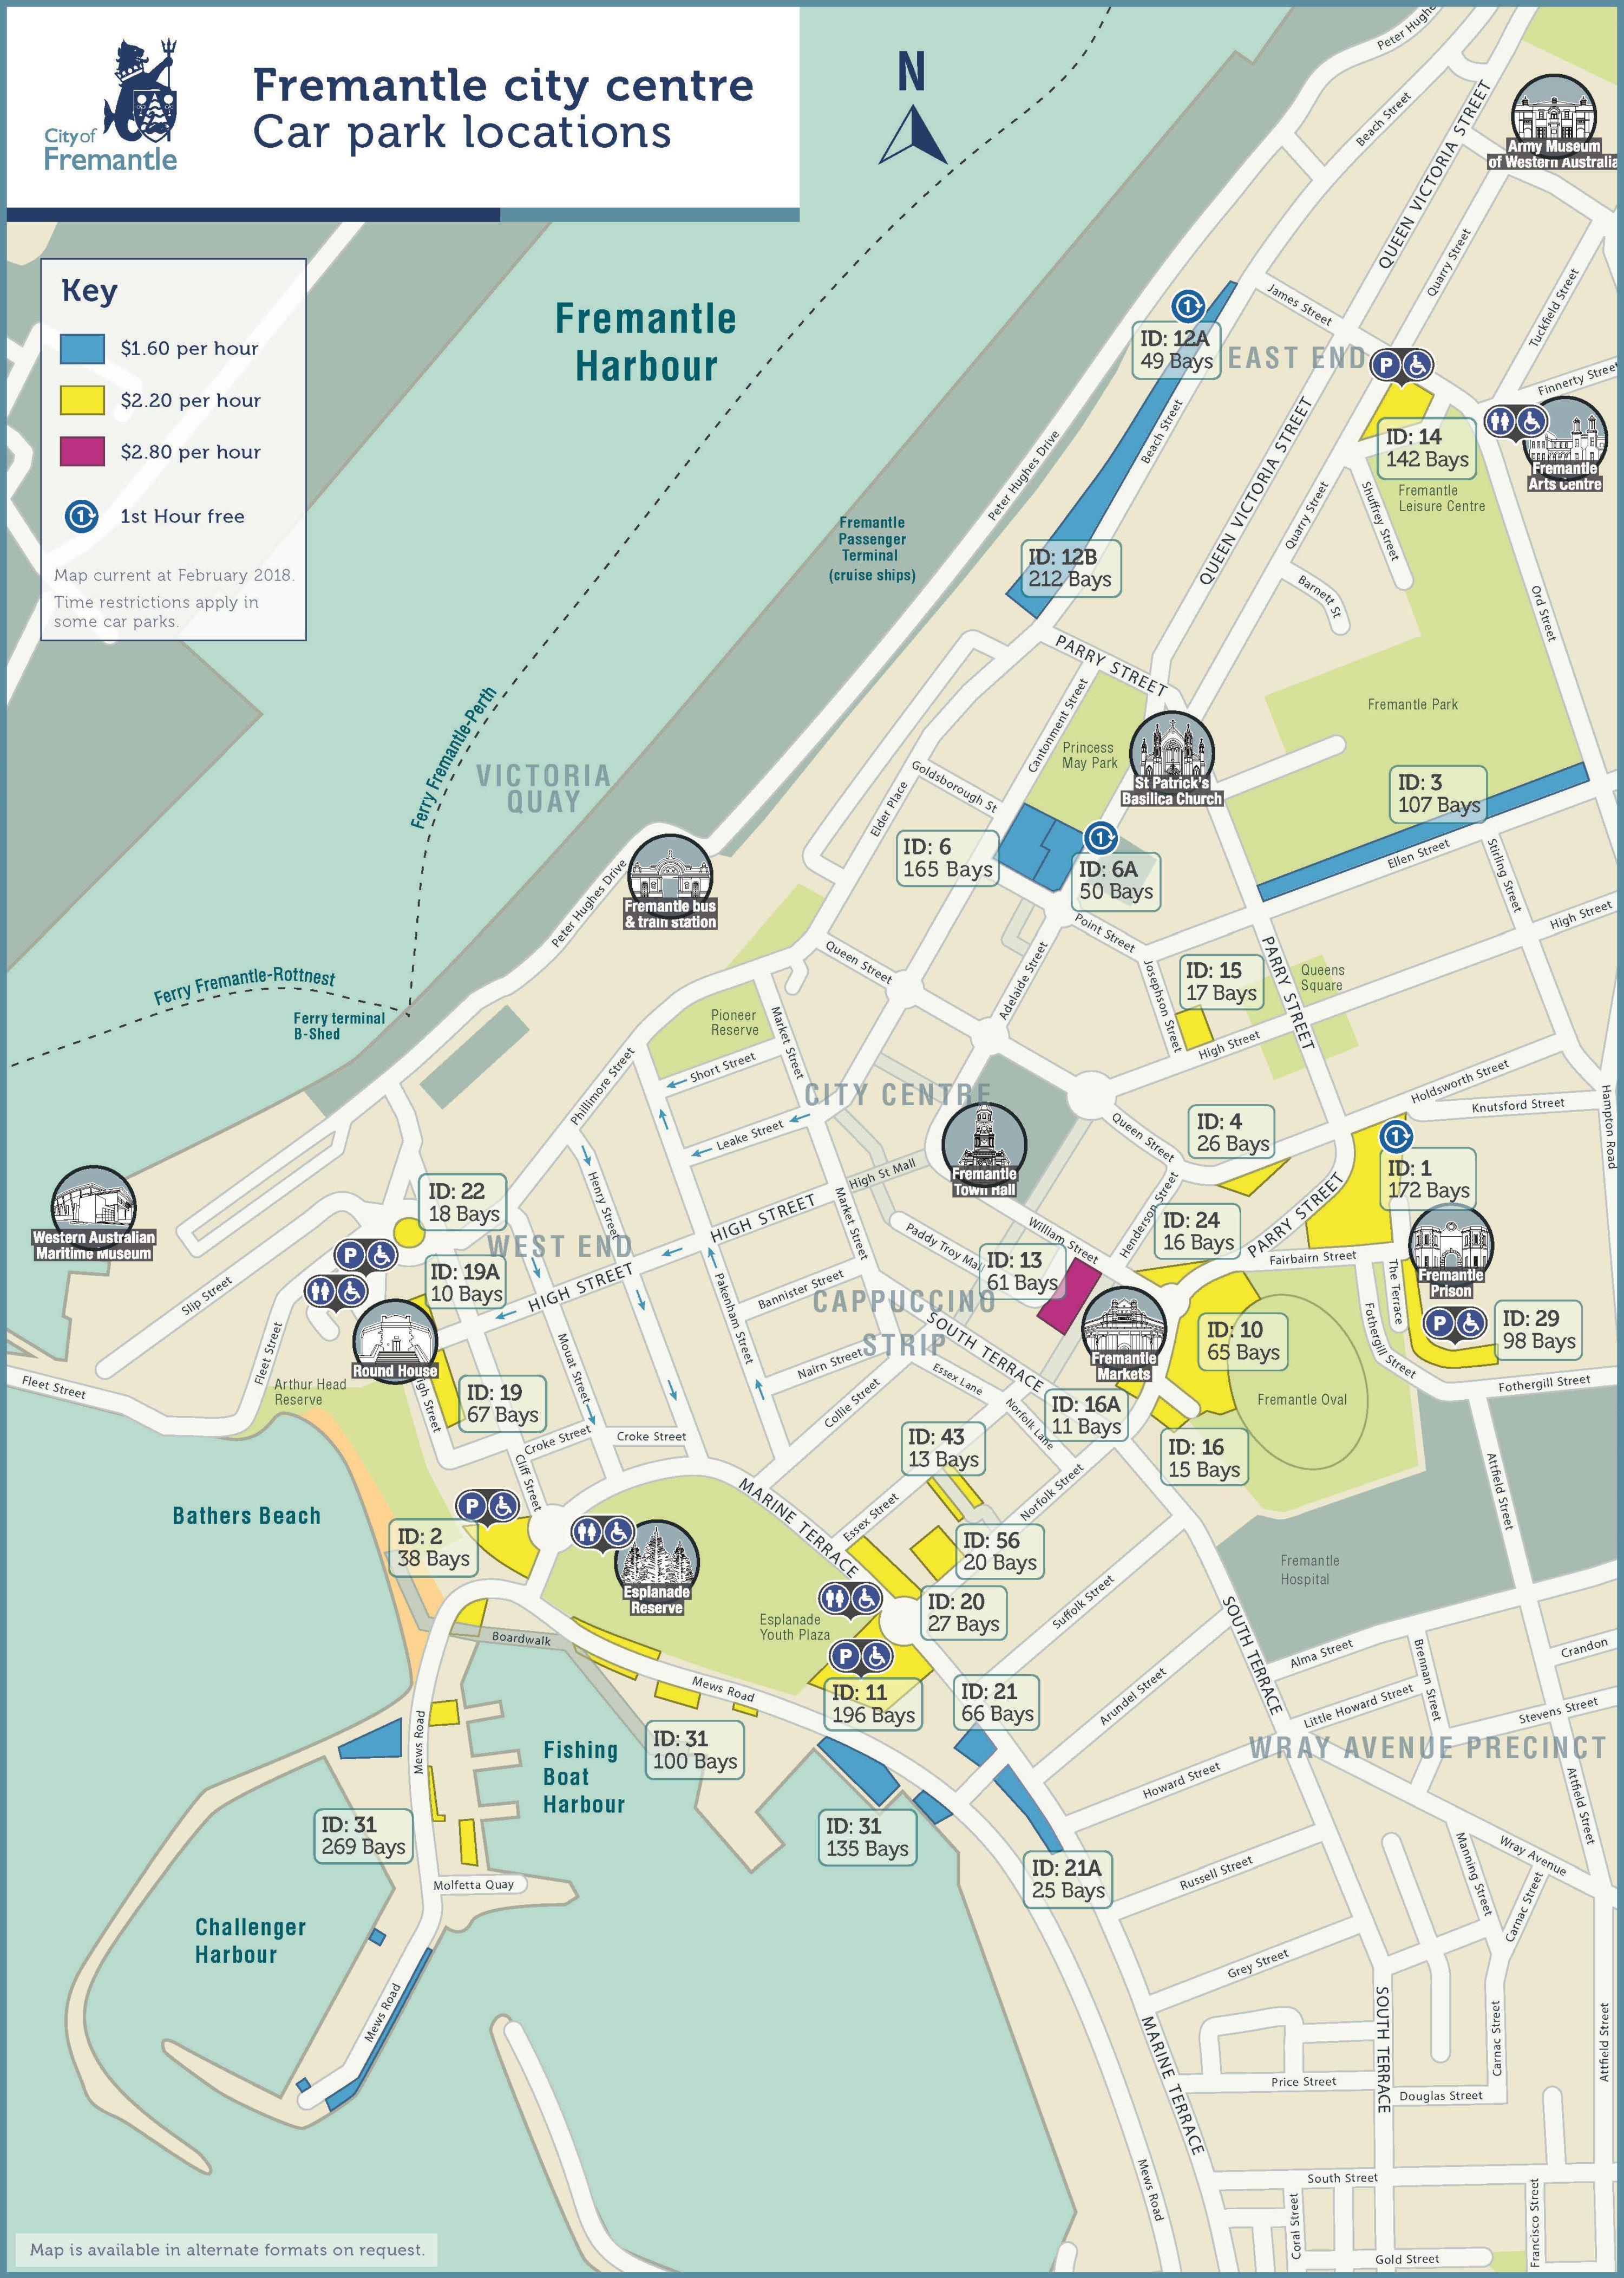 City centre parking map